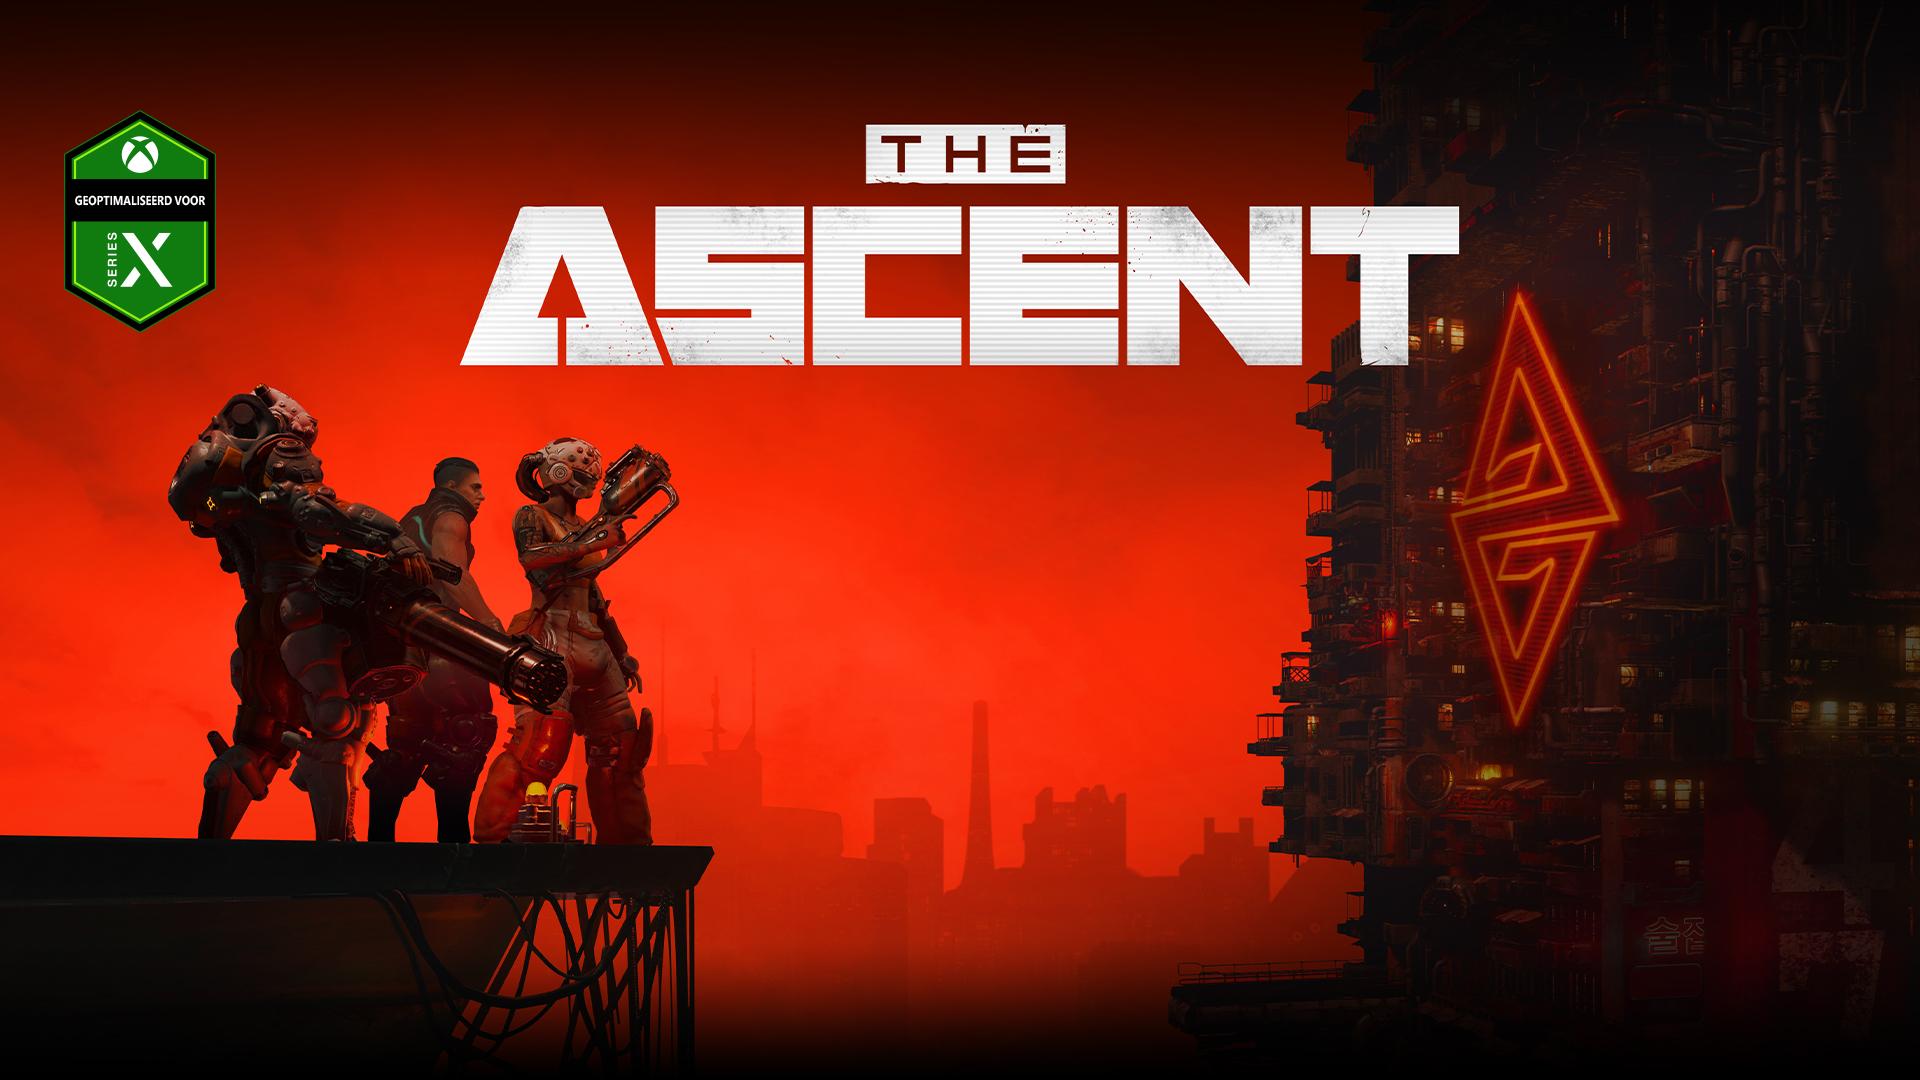 The Ascent, geoptimaliseerd voor Xbox Series X, drie personages staan op een platform en kijken naar een groot industrieel gebouw in cyberpunkstijl